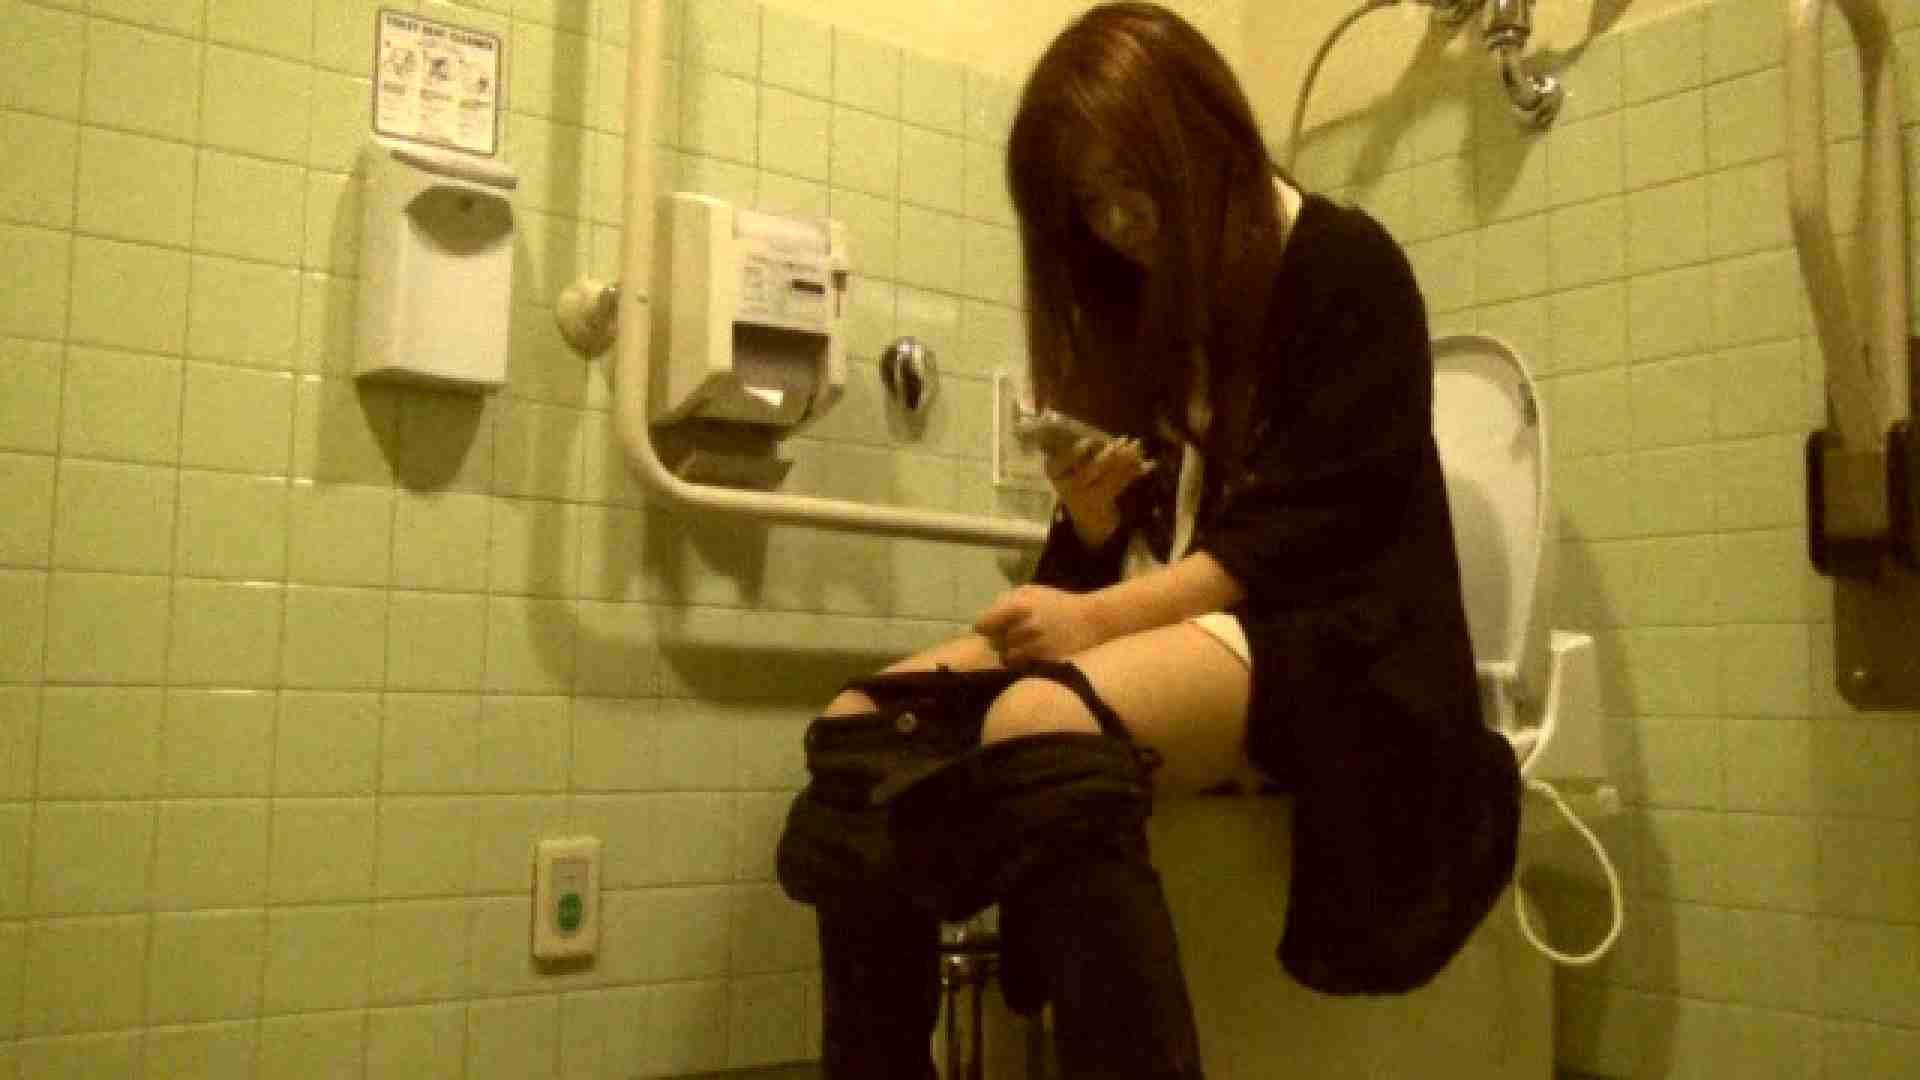 魔術師の お・も・て・な・し vol.26 19歳のバーの店員さんの洗面所をしばし… 美しいOLの裸体 | イタズラ  73pic 61